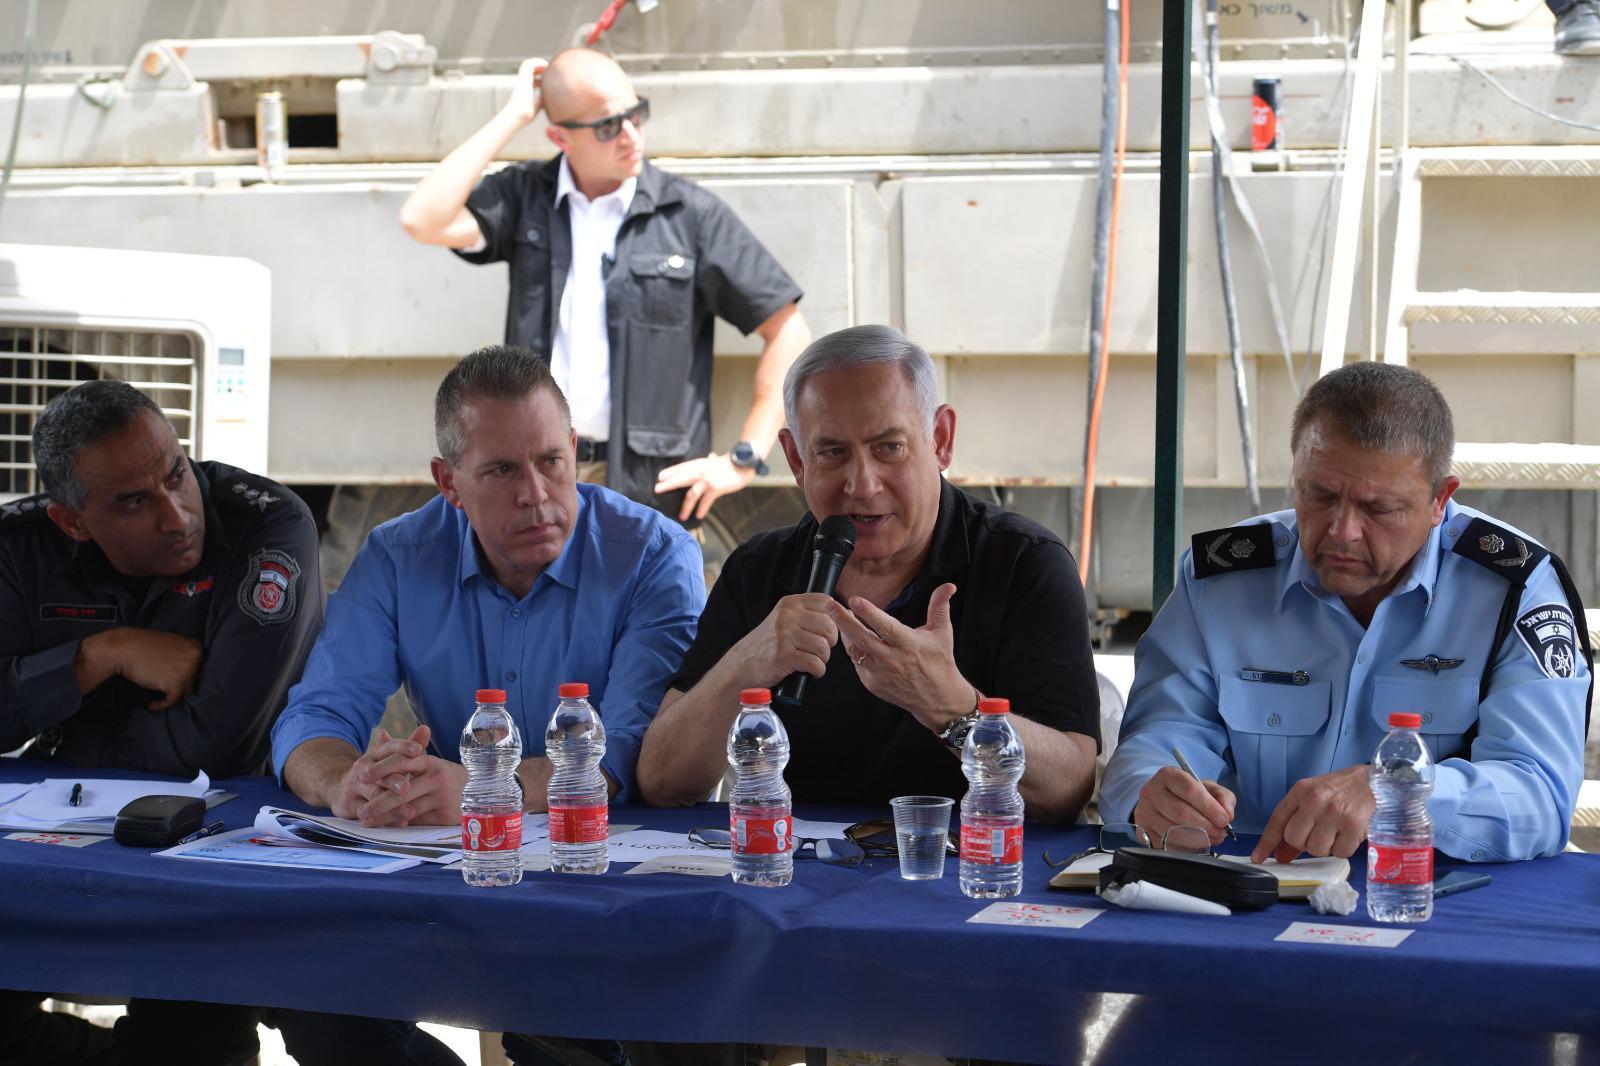 נתניהו: ״שוקל הרחבת הטייסת גם לפעולות יום – מודה למצרים ששלחה שני מסוקים לכיבוי״